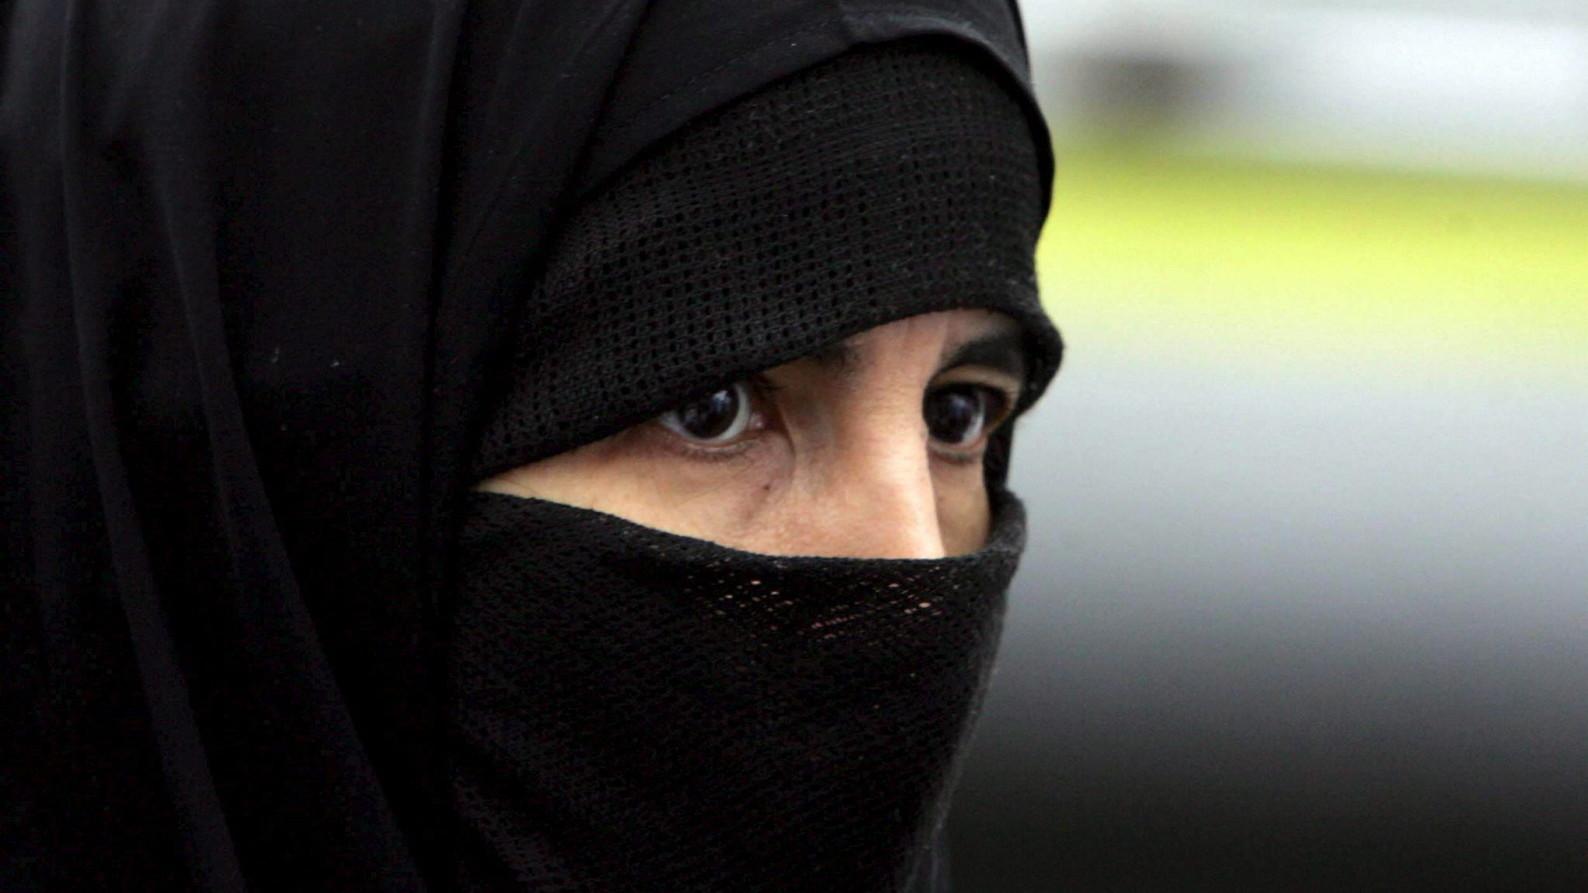 Muszlim zarándok imádkozik a mekkai Nagymecset előtt 2006. december 27-én. Szaúd-Arábiába a hónap eleje óta utaznak tömegesen a haddzsra érkező zarándokok – a helyi hatóságok ezen a napon adták hírül, hogy a szokásos zarándoklatot követő áldozati ünnep, az íd al-adha december 30-án kezdődik (Fotó: MTI/EPA/MOHAMED MESZARA)